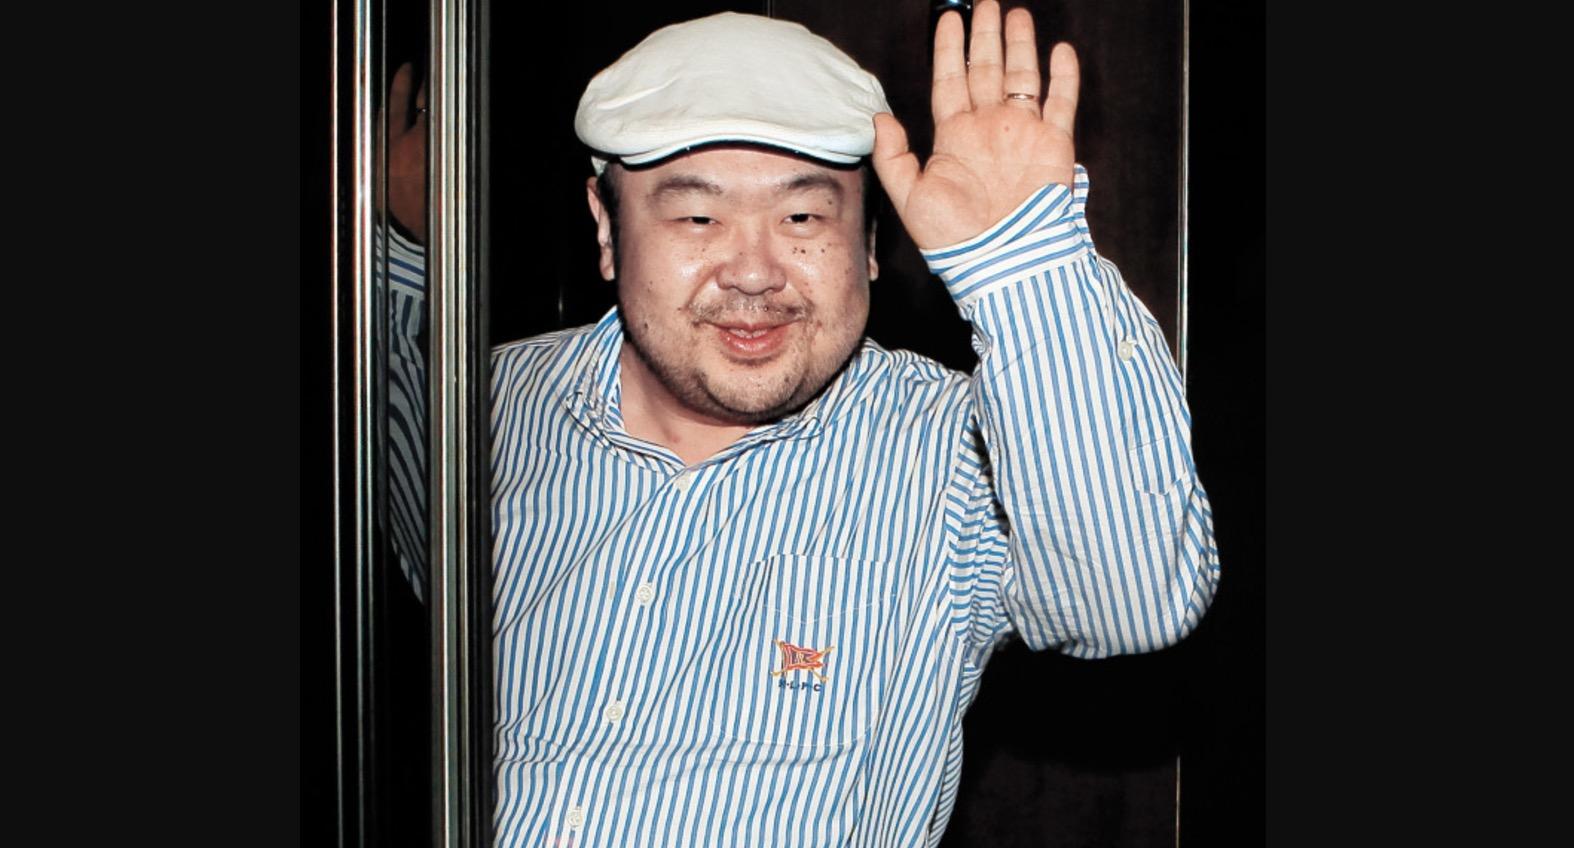 【速報】北朝鮮の金正男氏が暗殺!「親日家だったのに、、」日本国内でも落胆の声